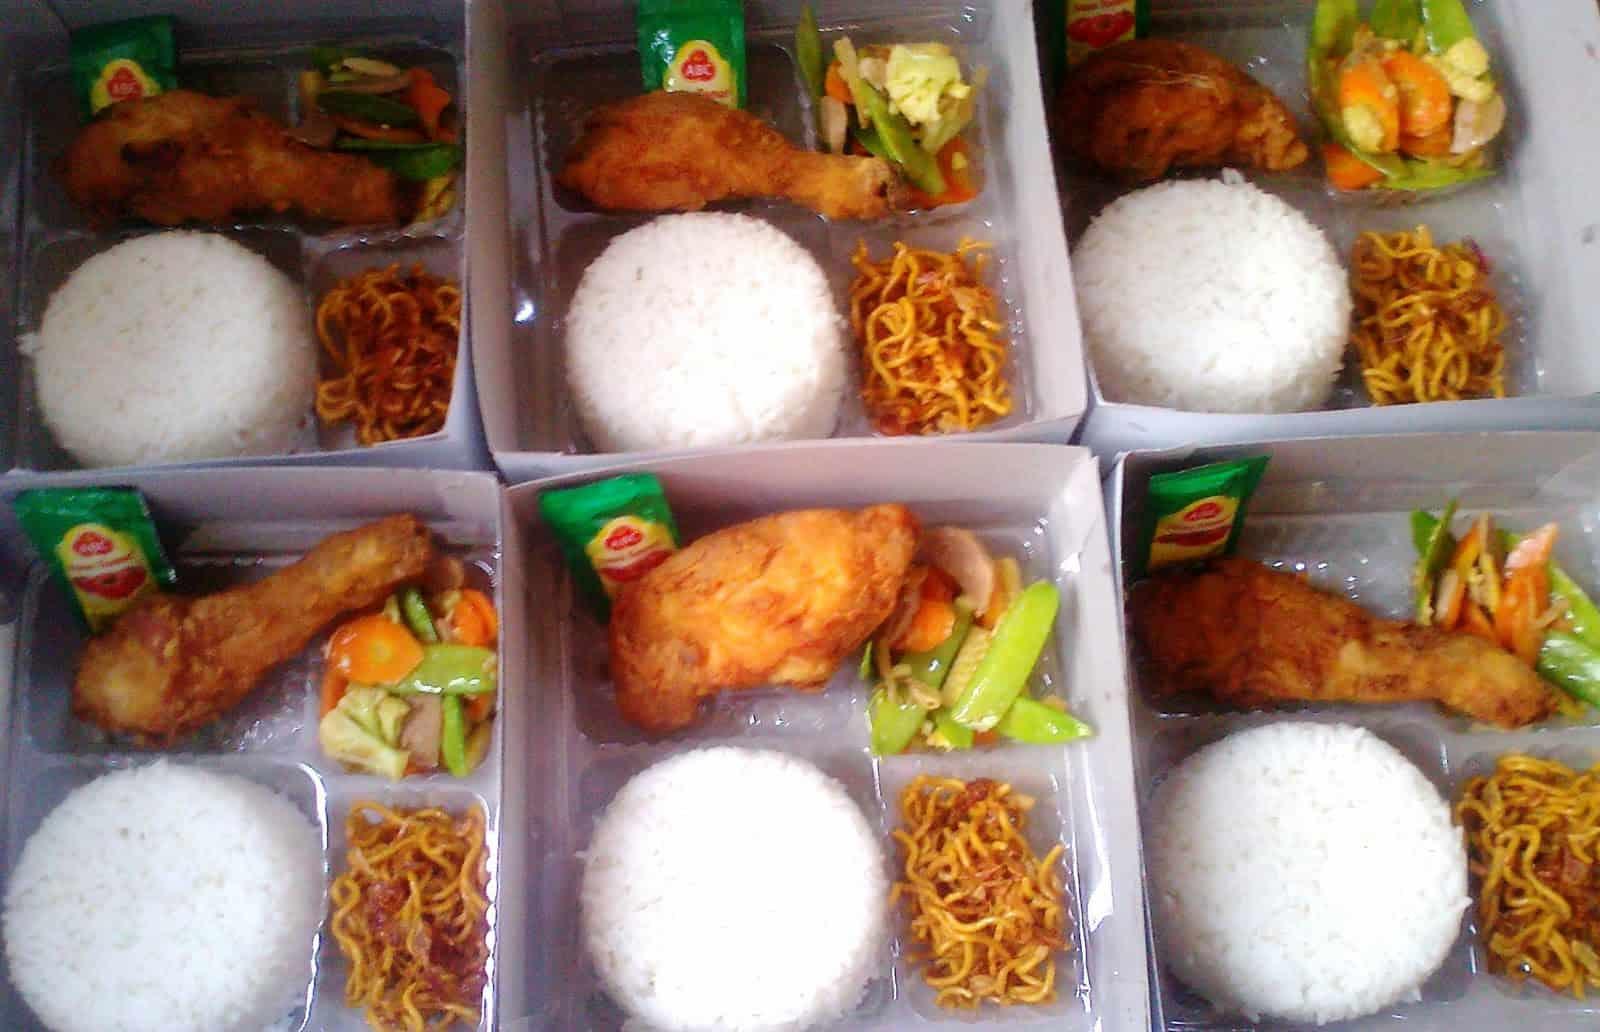 Cara Promosi Nasi Kotak Agar Cepat Laris dan Terkenal